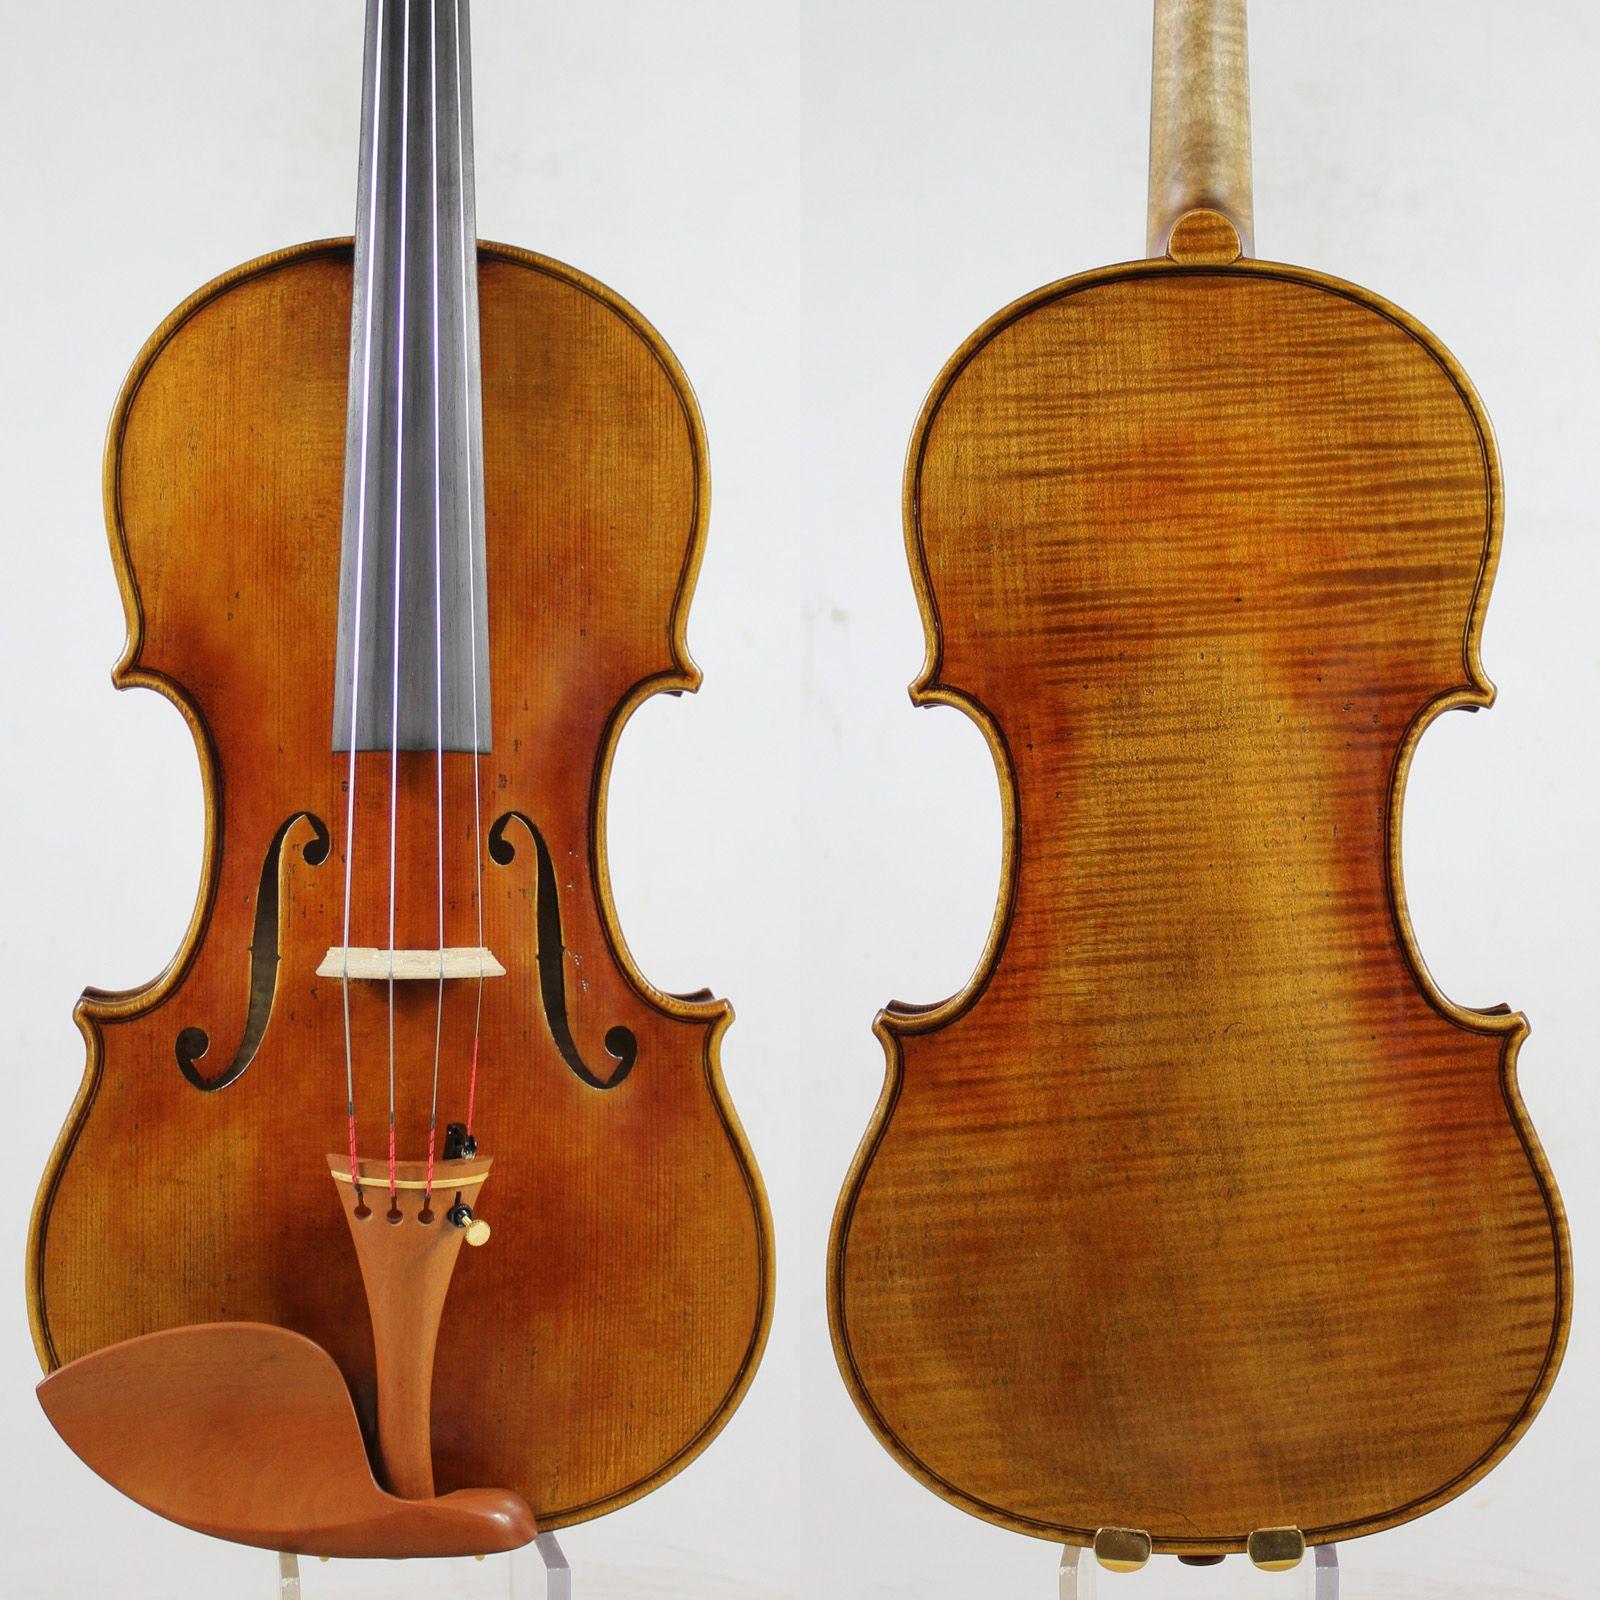 60-y alte Fichte! Guarnieri 'del Gesu''Ole Bull' Violine violino Kopie! M9018 Einem Pc Zurück! Konzert 4/4 Violine, Top Öl Lack